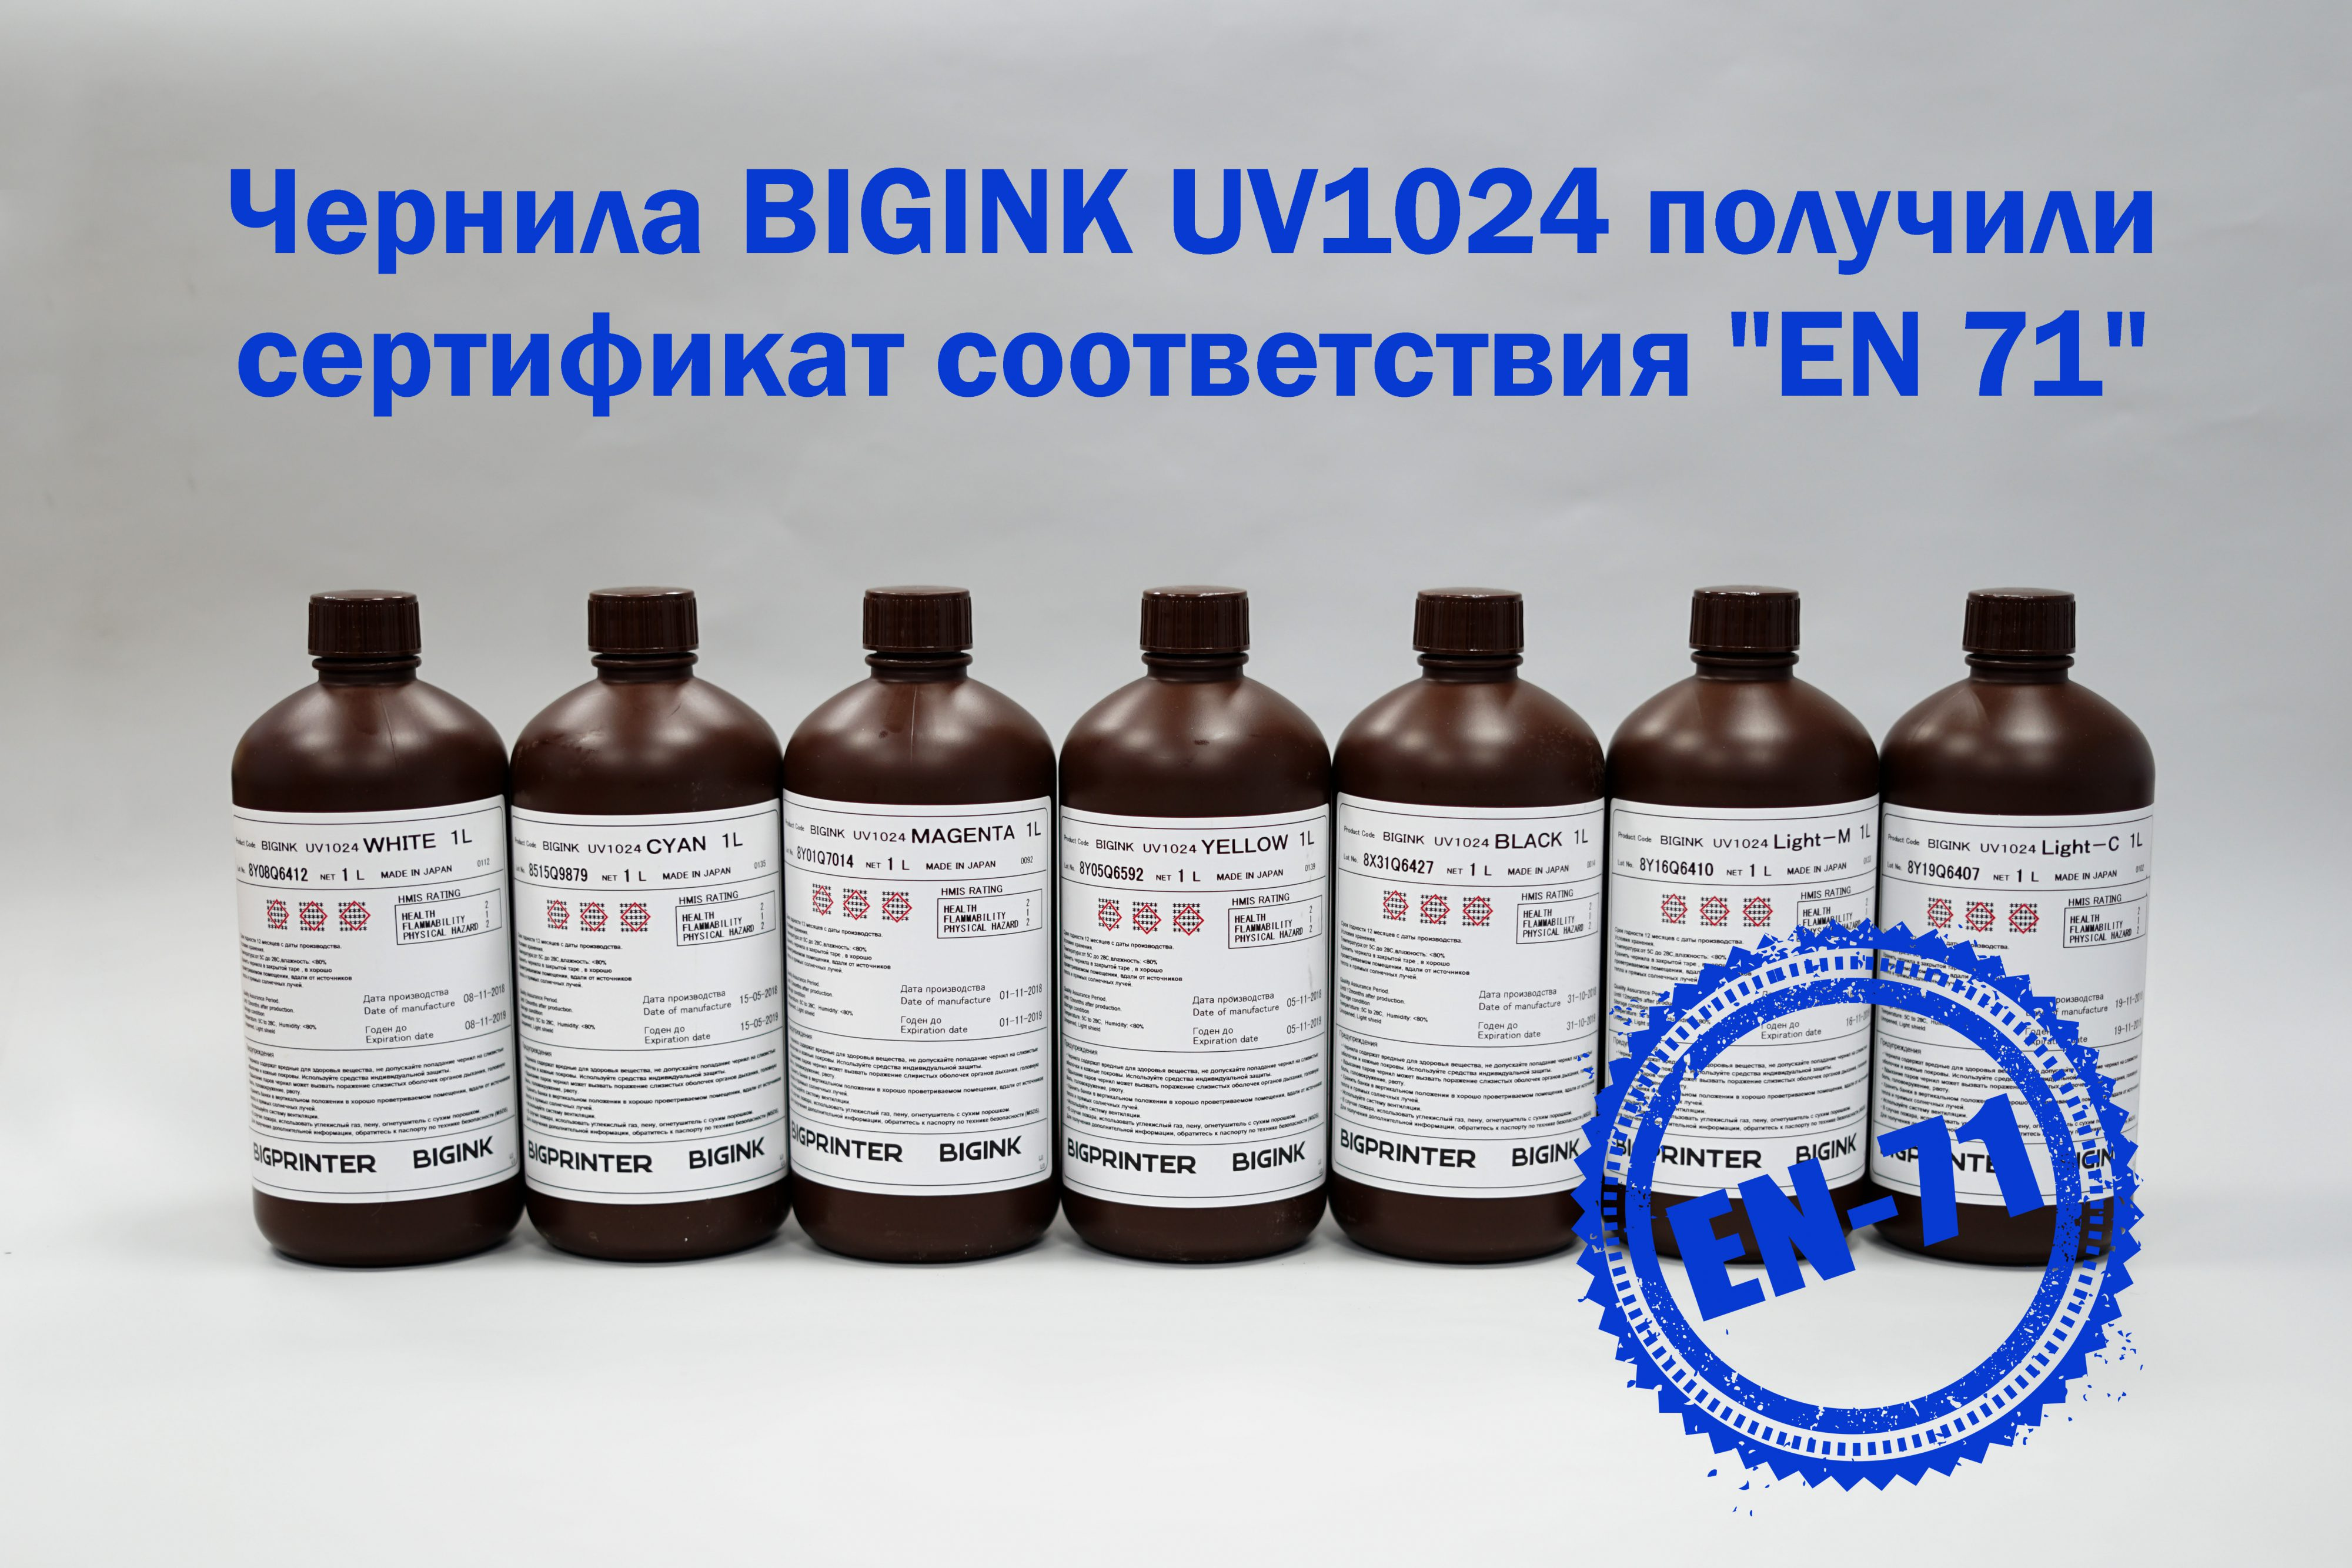 Чернила BIGINK UV1024 получили сертификат соответствия Европейскому стандарту безопасности для детей EN 71!